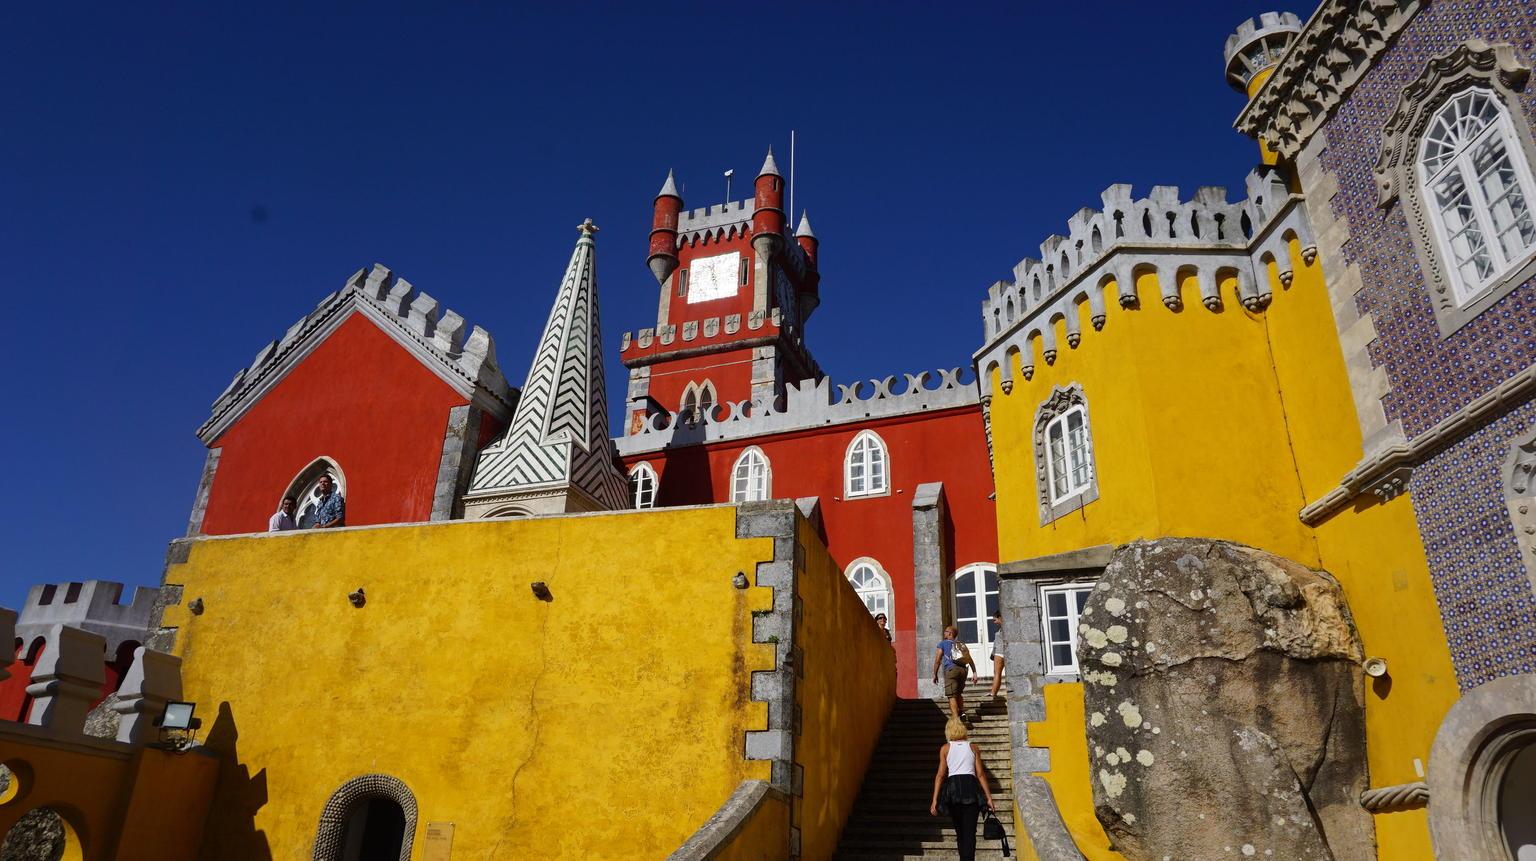 MÁS FOTOS, Sintra, Cabo da Roca and Cascais Day Trip from Lisbon